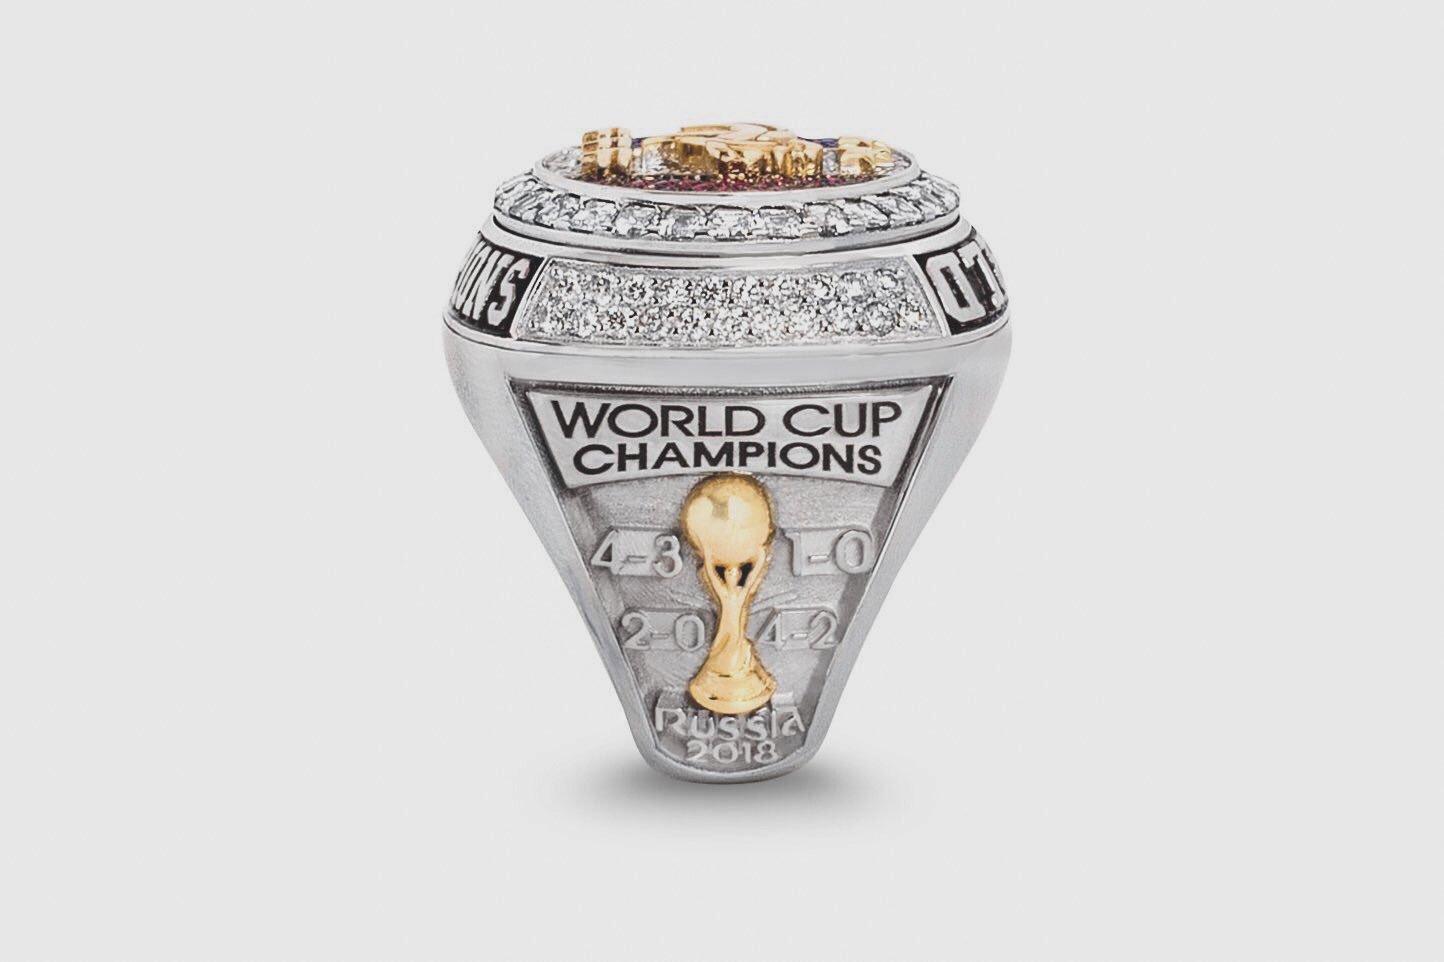 แหวนฉลองแชมป์บอลโลก ที่ ป็อกบา ทำให้เพื่อนทีมชาติ(มีคลิป)